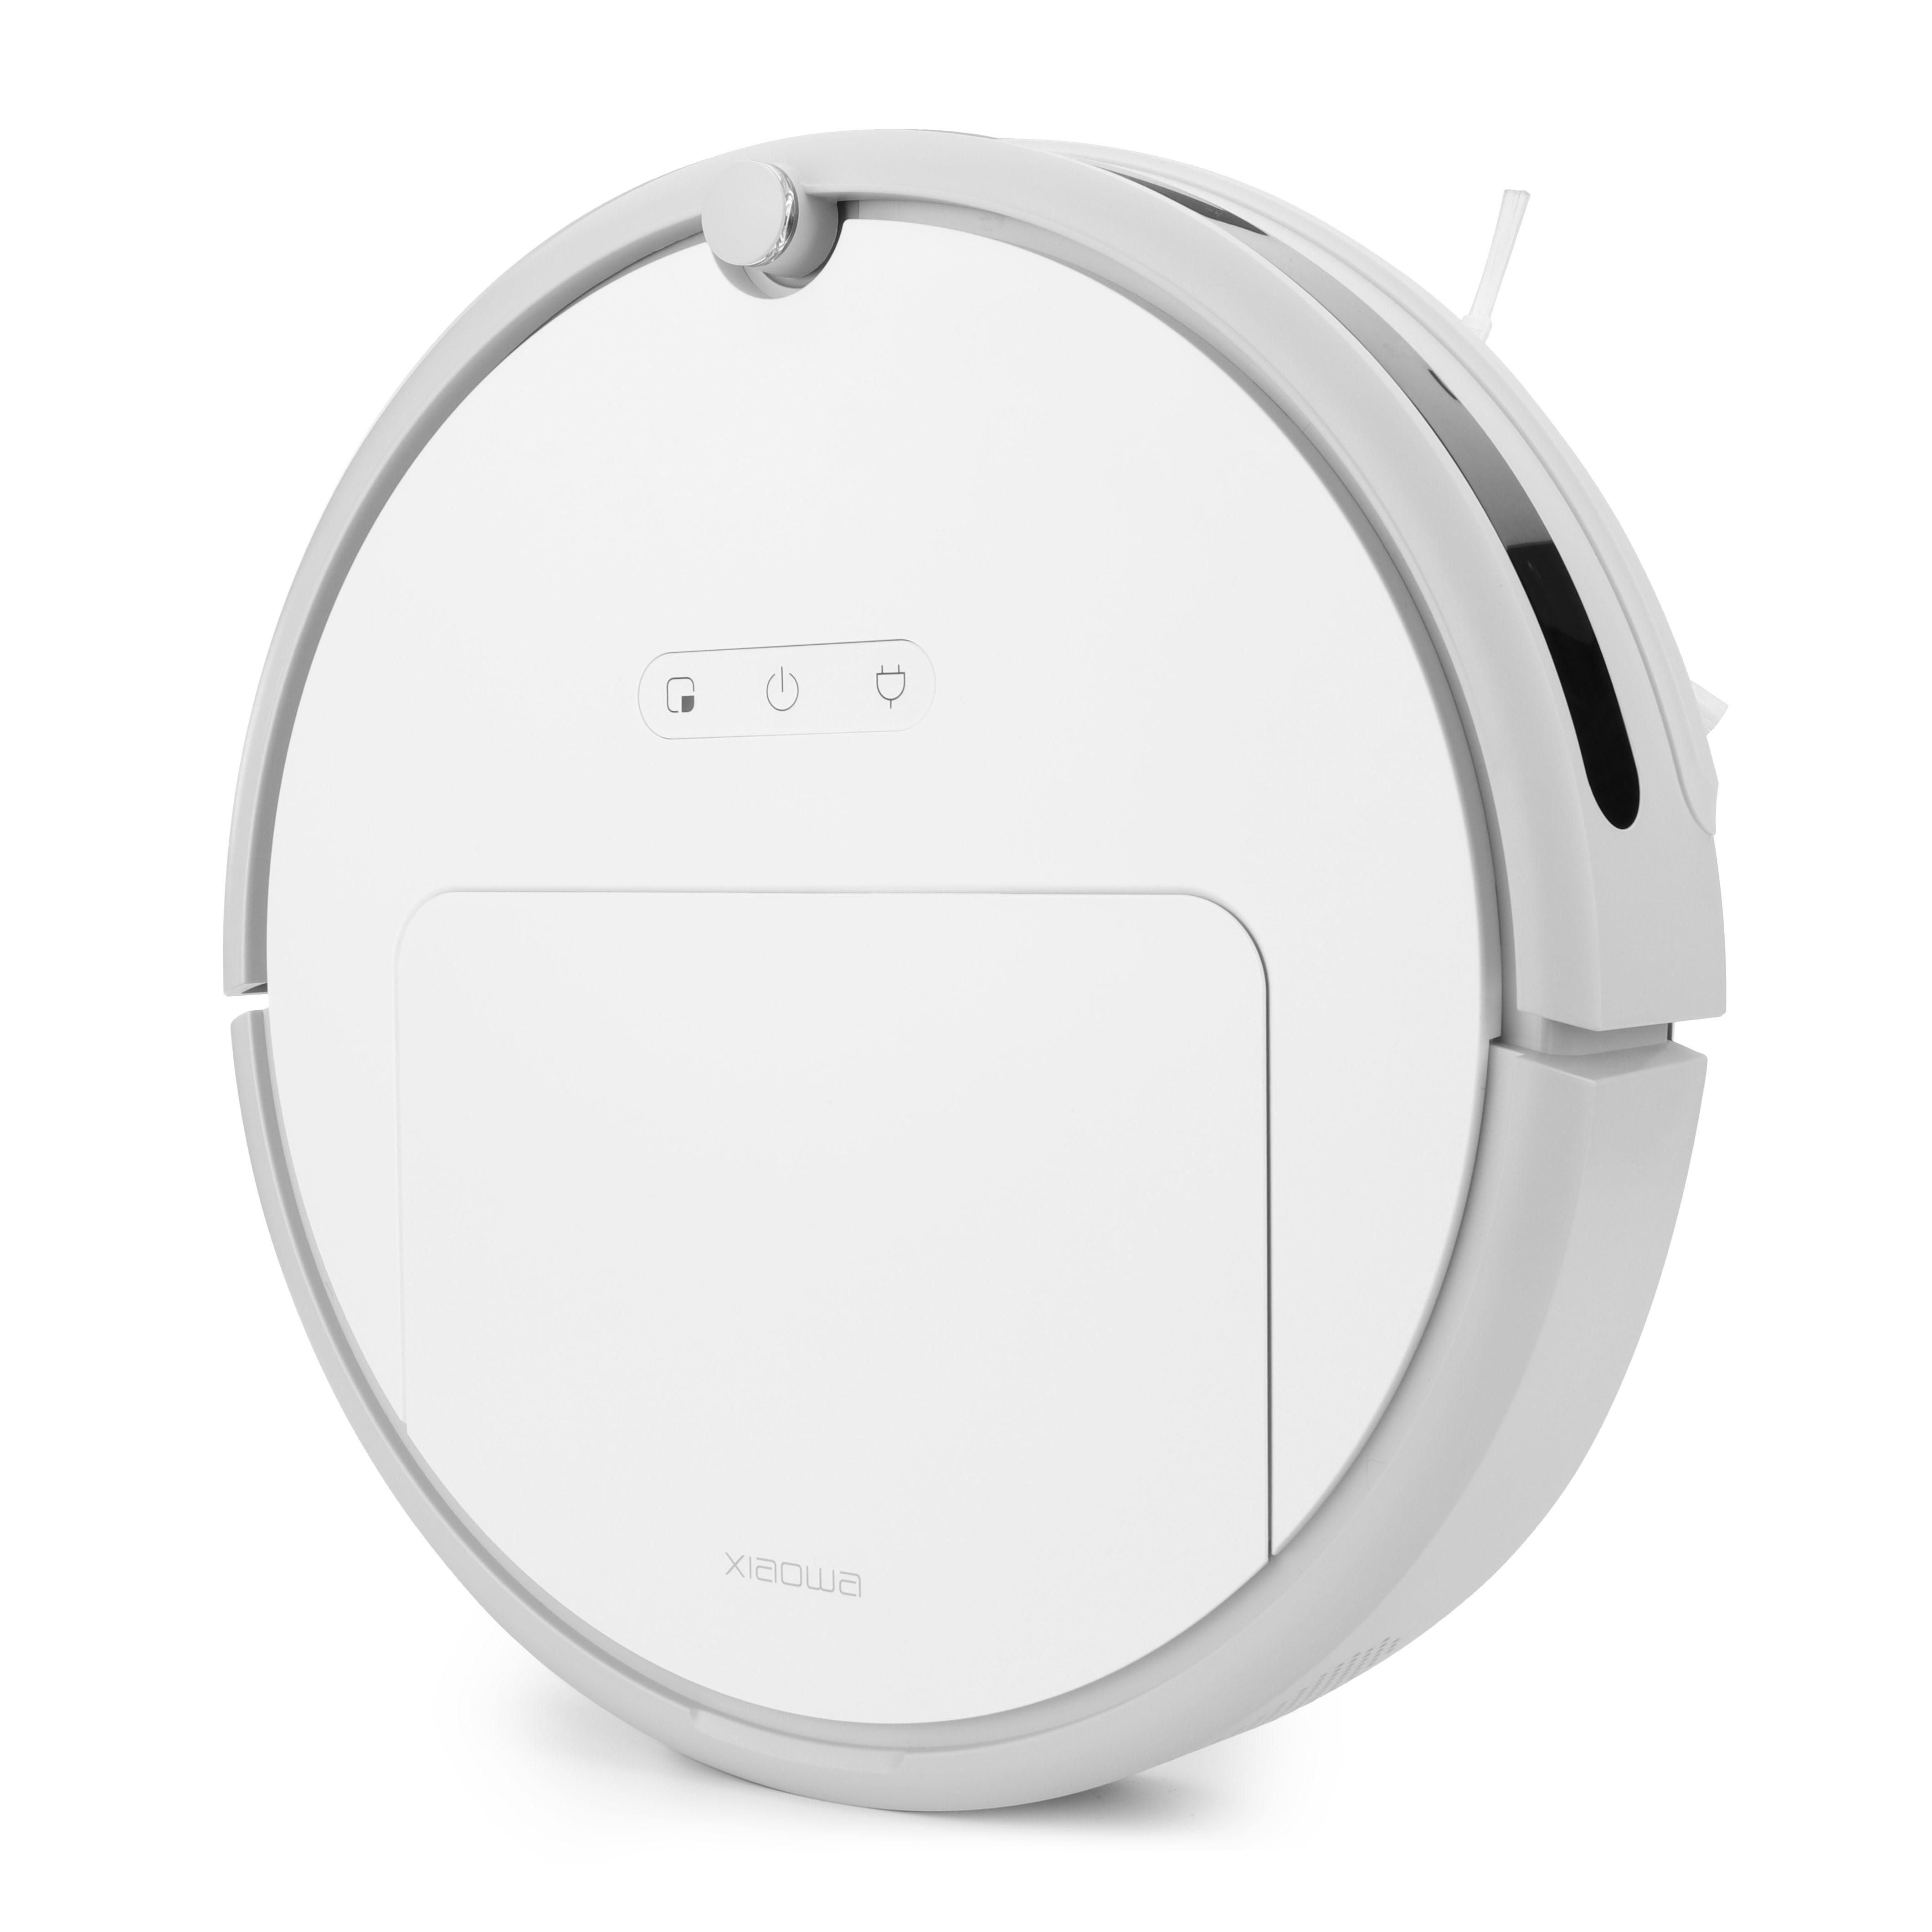 Xiaomi Roborock Xiaowa lite C102-00 Smart Robot Vacuum Cleaner 1600Pa 2600mAh with APP Control